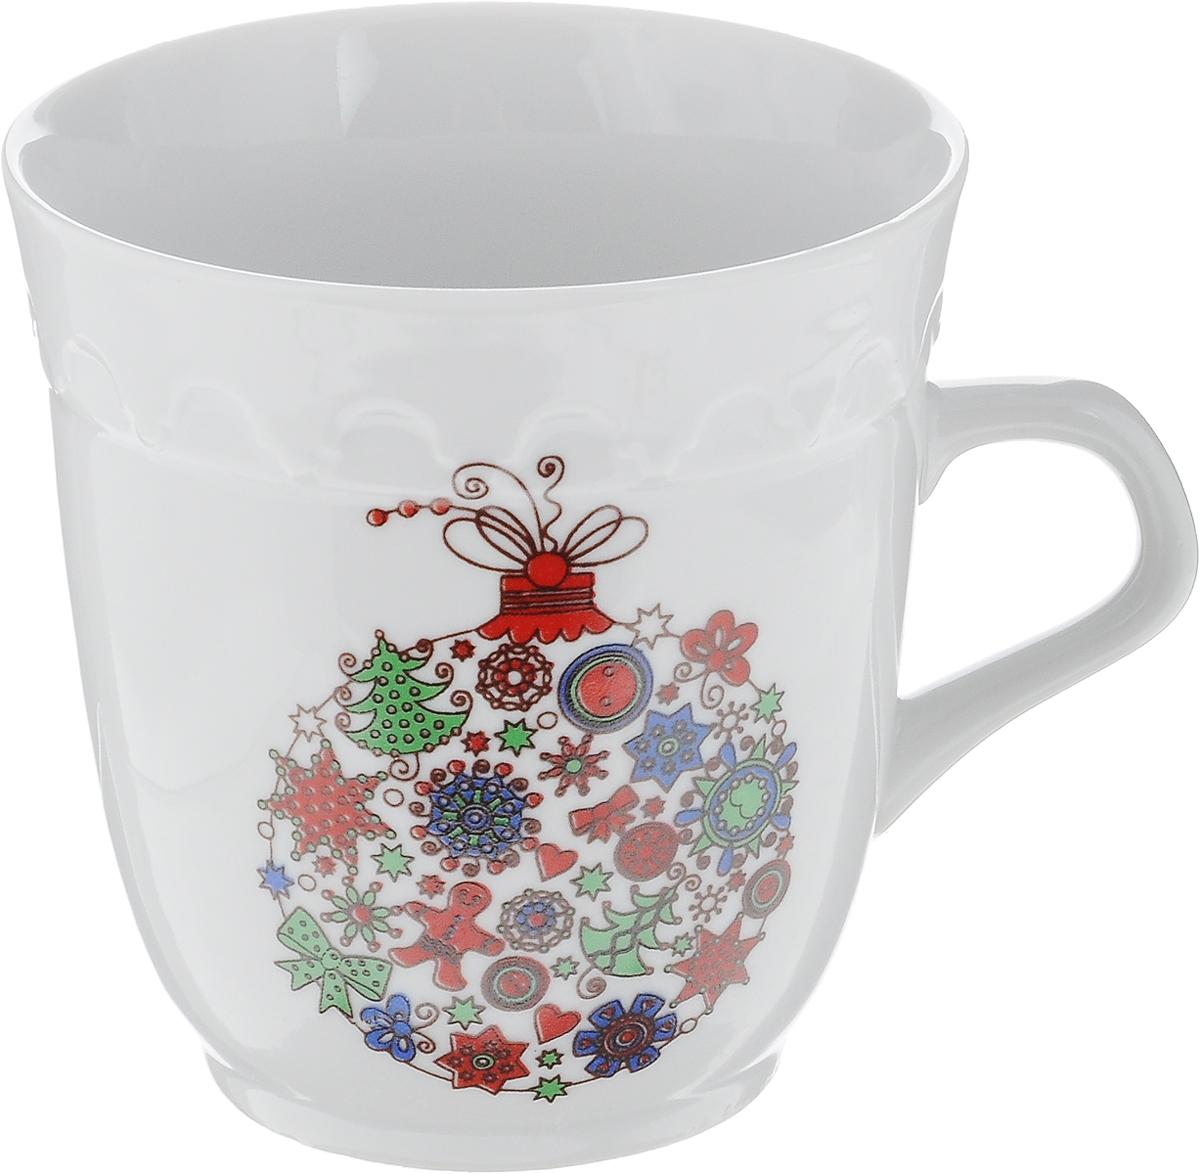 Кружка Фарфор Вербилок Арабеска. Микс. Новогодний шар, 250 мл24322530_новогодний шарКружка Фарфор Вербилок Арабеска. Микс. Новогодний шар выполнена из высококачественного фарфора с глазурованным покрытием и оформлена оригинальным принтом. Посуда из фарфора позволяет сохранить истинный вкус напитка, а также помогает ему дольше оставаться теплым. Изделие оснащено удобной ручкой. Такая кружка прекрасно оформит стол к чаепитию и станет его неизменным атрибутом. Можно мыть в посудомоечной машине и использовать в СВЧ.Диаметр кружки (по верхнему краю): 8,5 см.Высота чашки: 9 см.